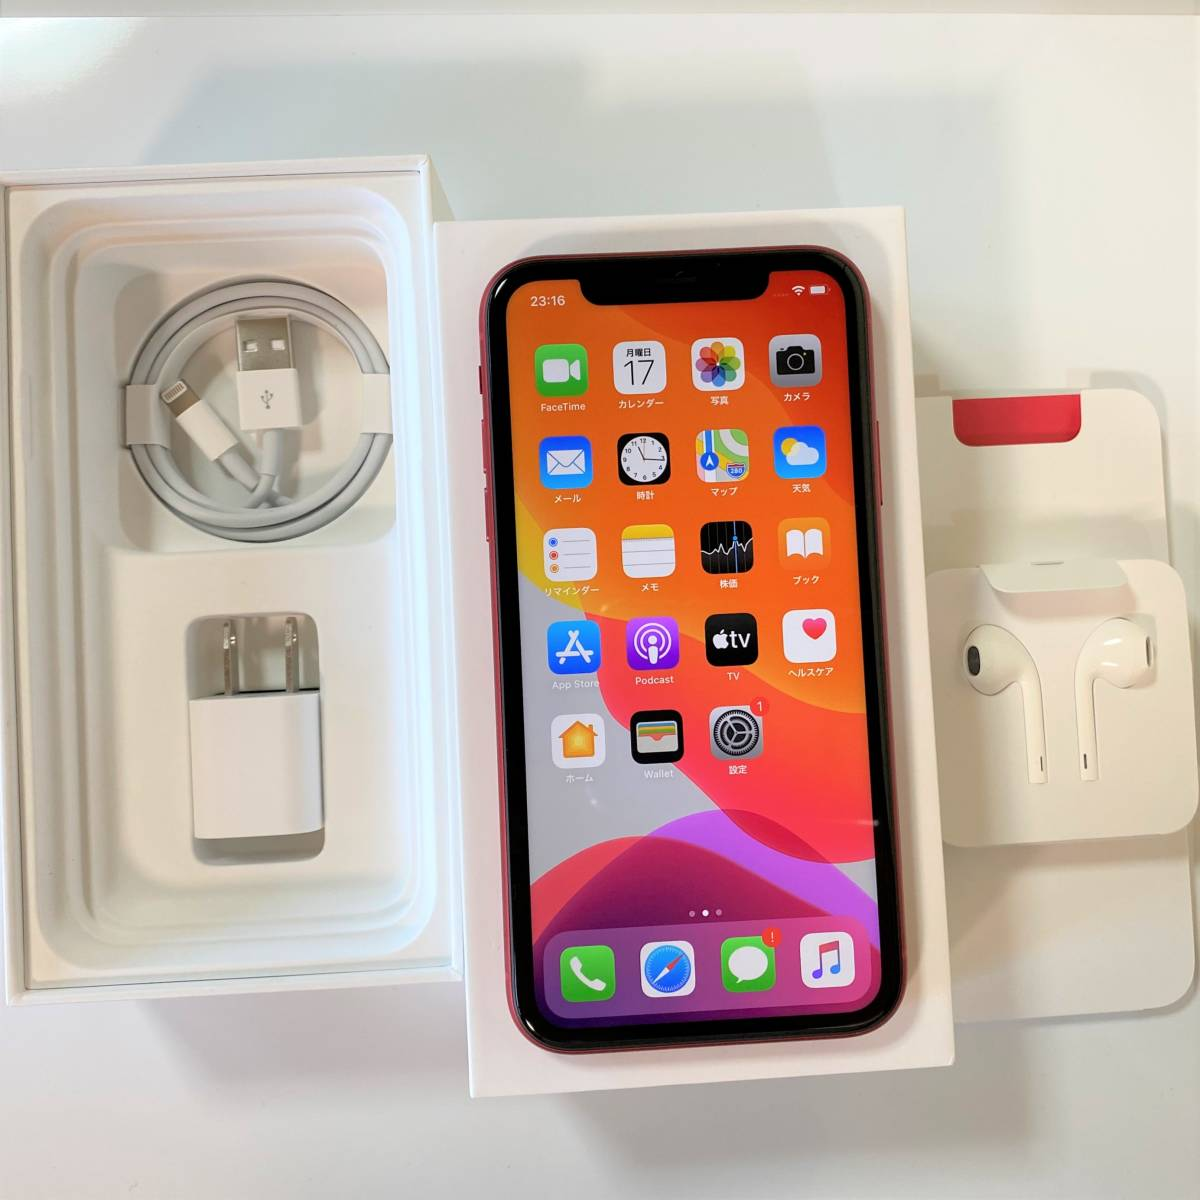 (美品) iPhone 11 (PRODUCT)RED 64GB MWLV2J/A SoftBank iOS13.3.1 バッテリー最大容量100% アクティベーションロック解除済